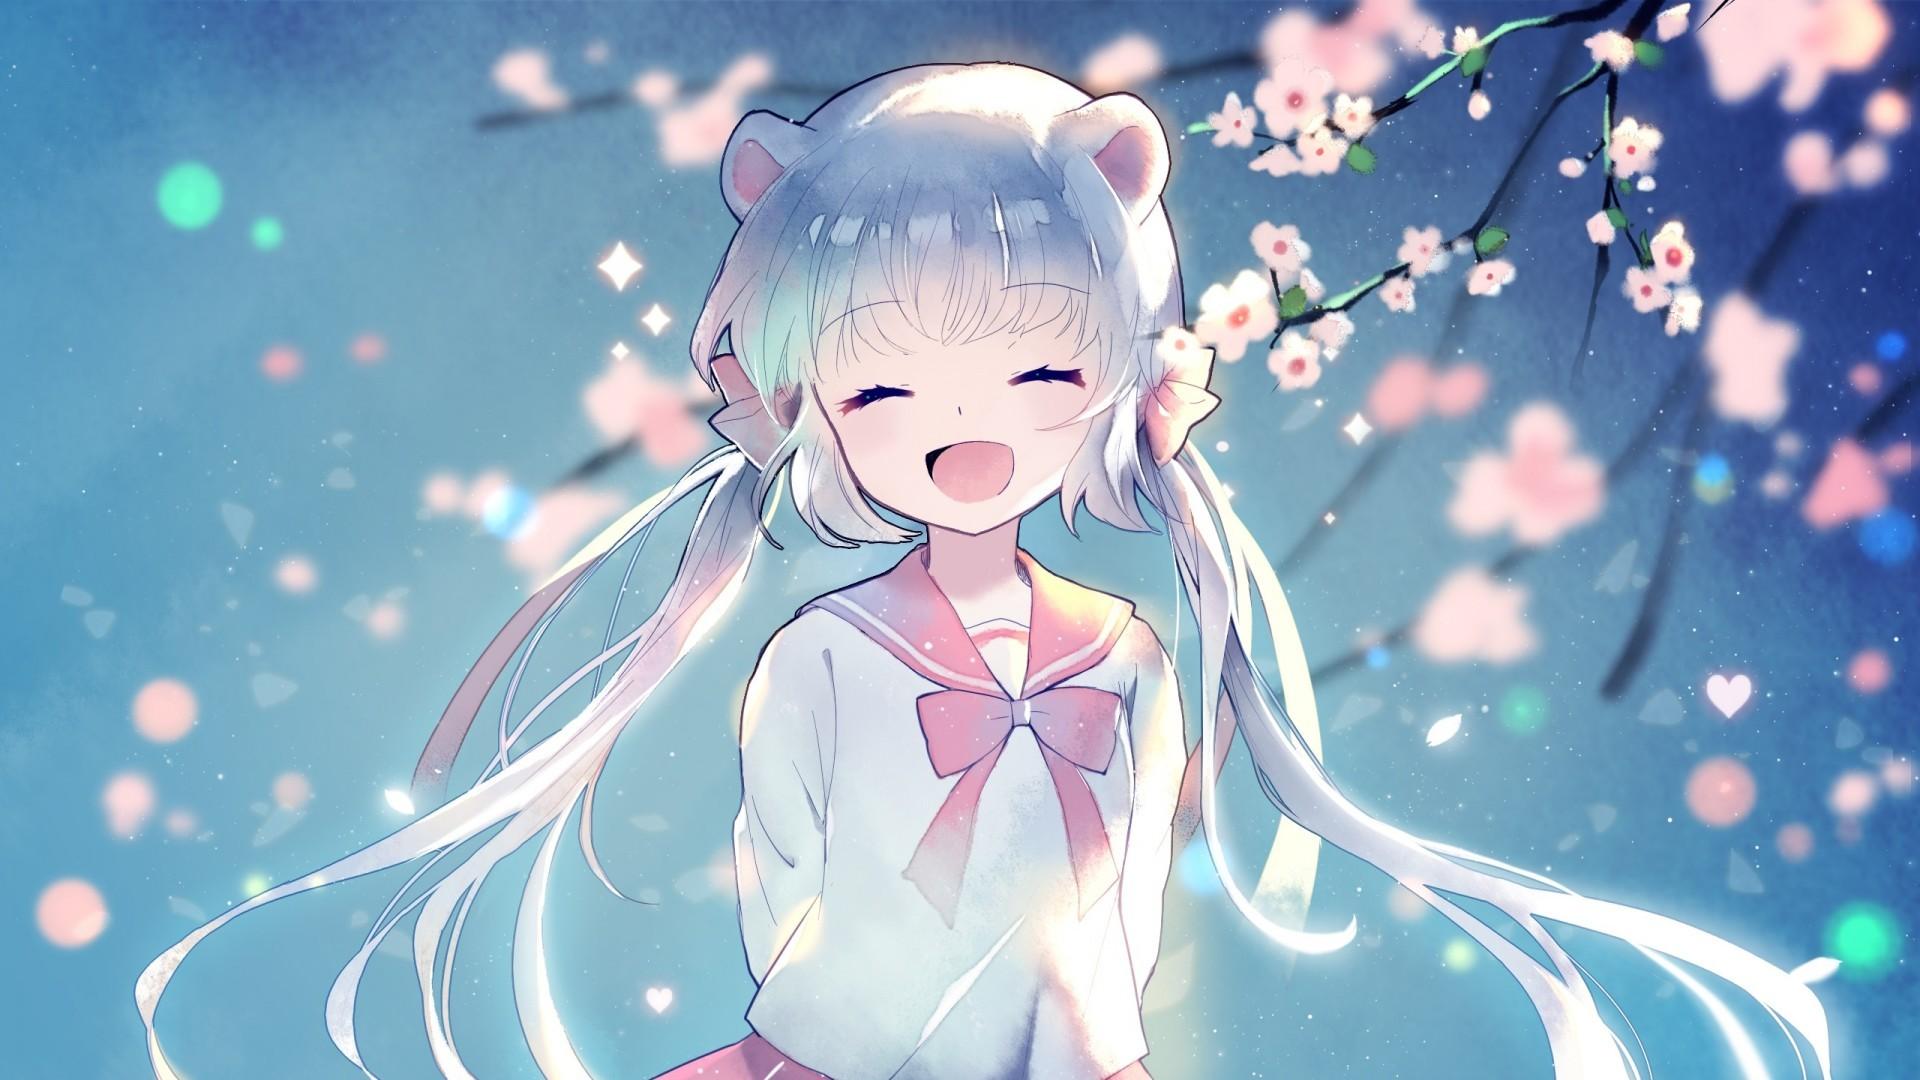 Anime Girl Happy Face Twintails Aqua Hair Cherry   Anime Girl 1920x1080